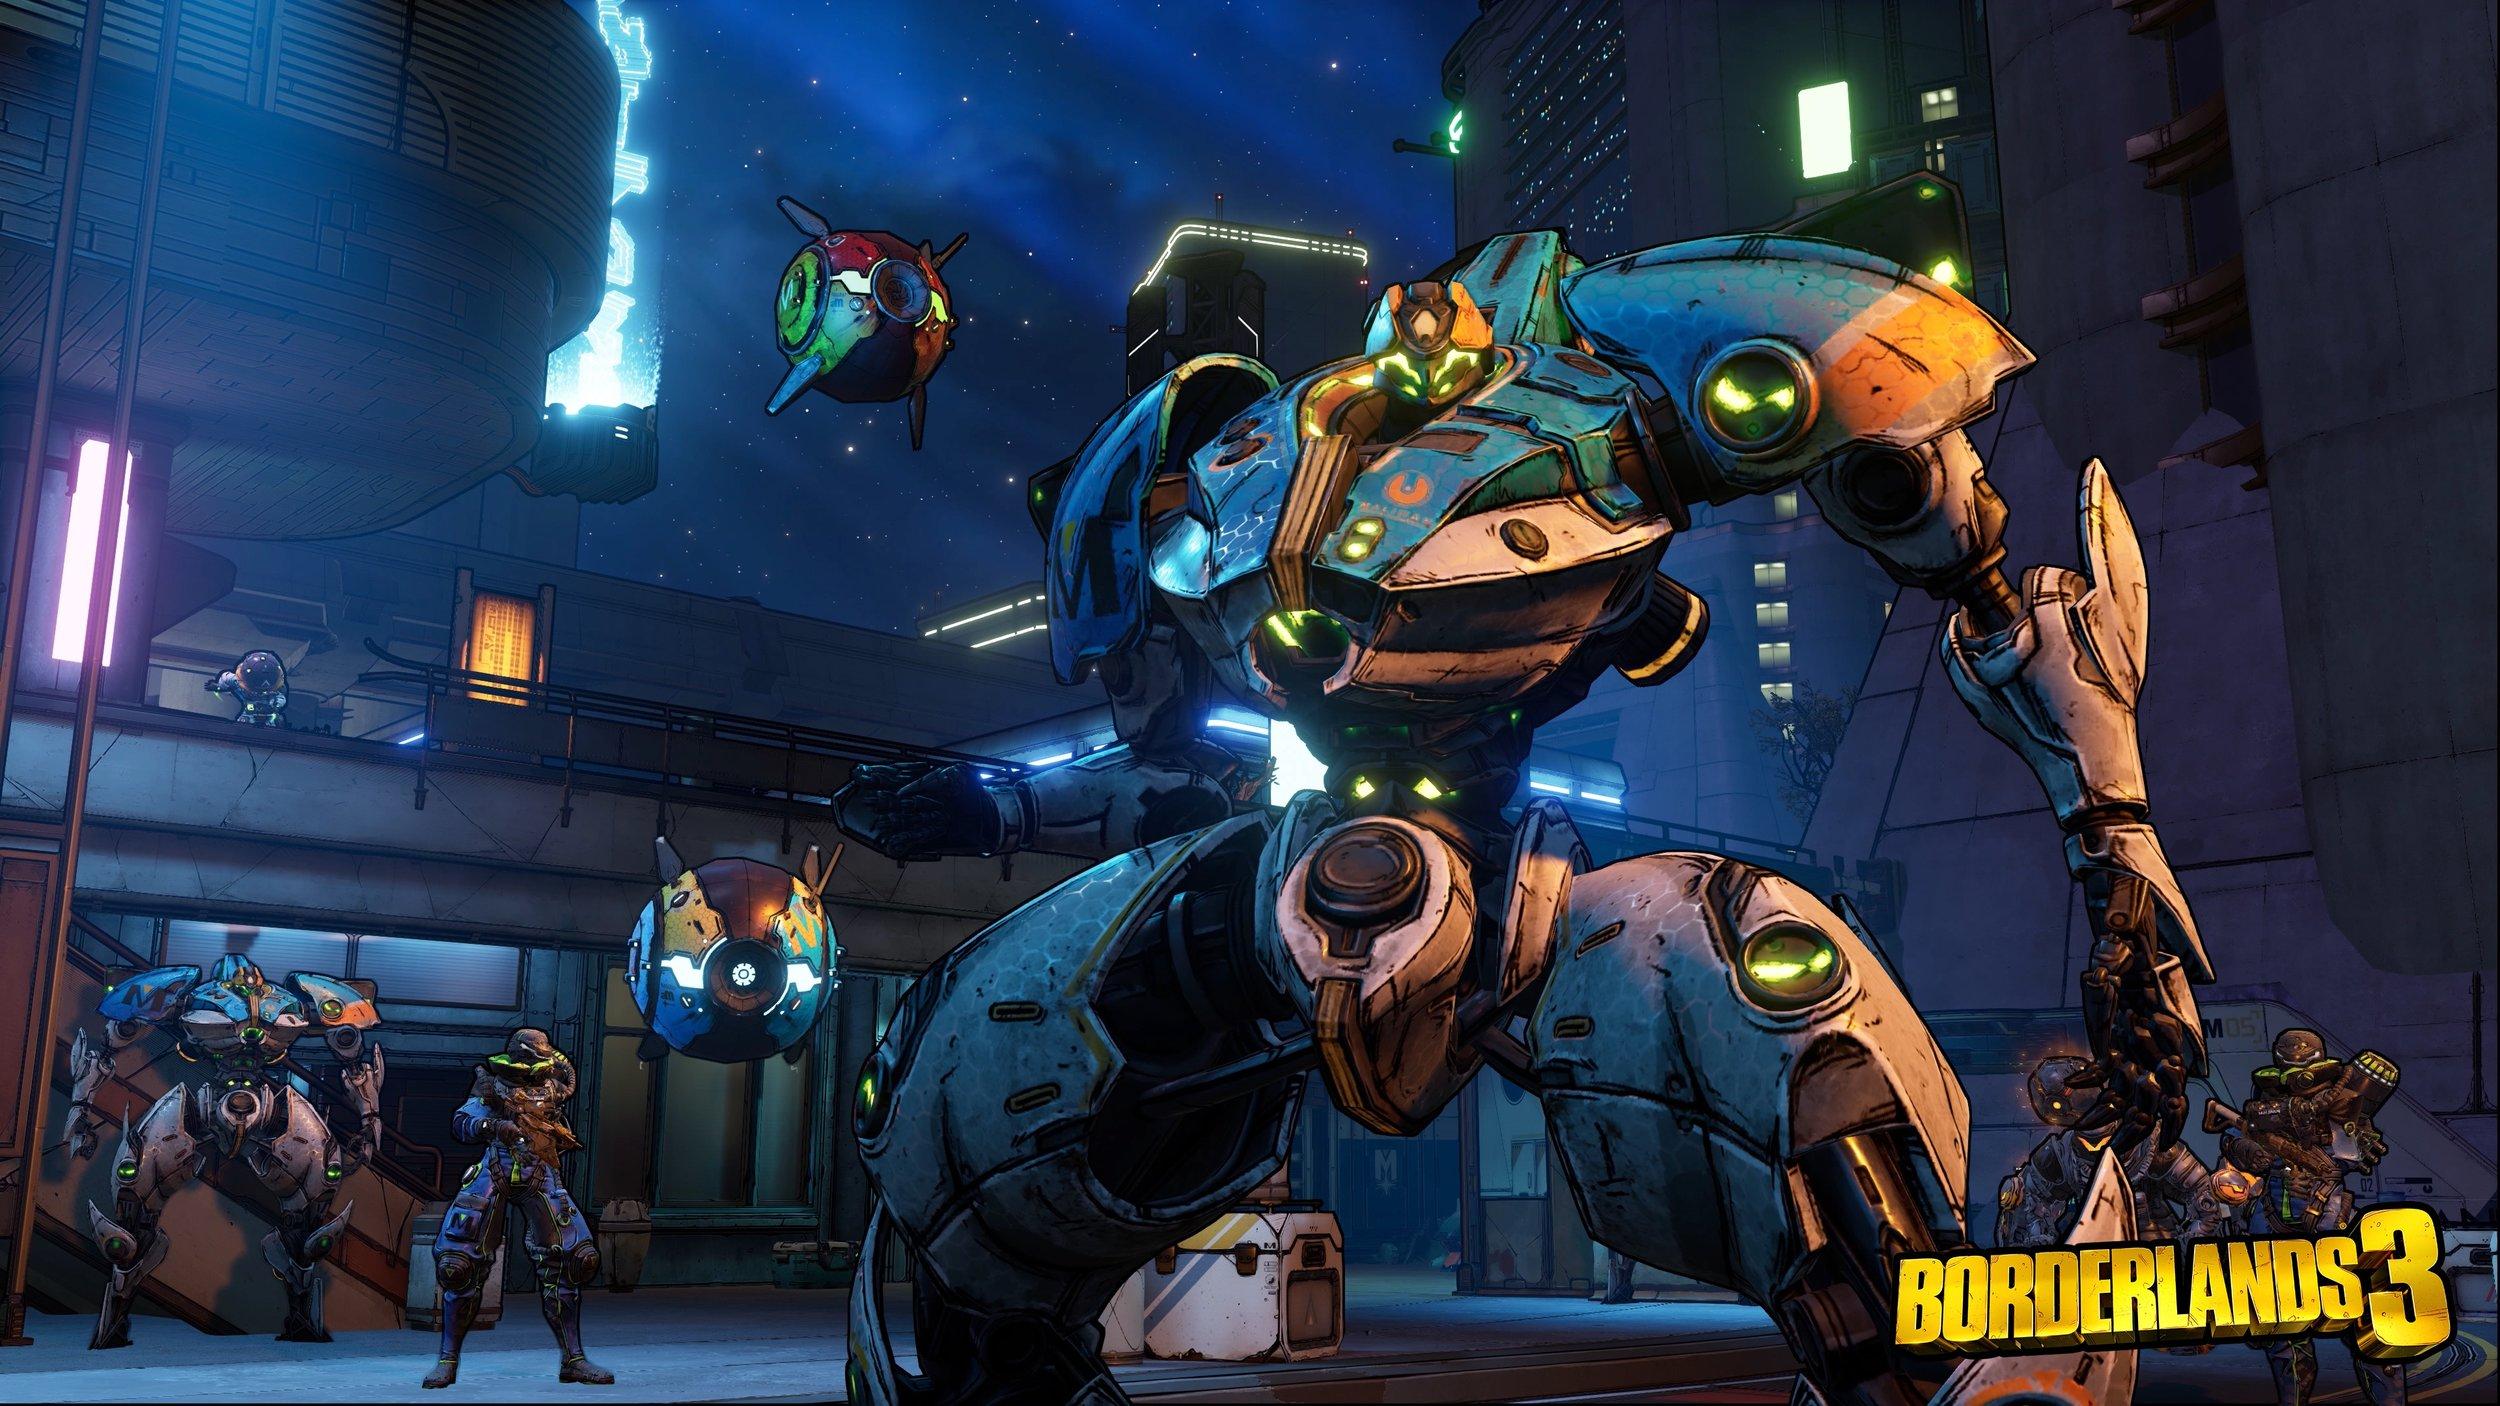 Borderlands 3 Screen 5.jpeg